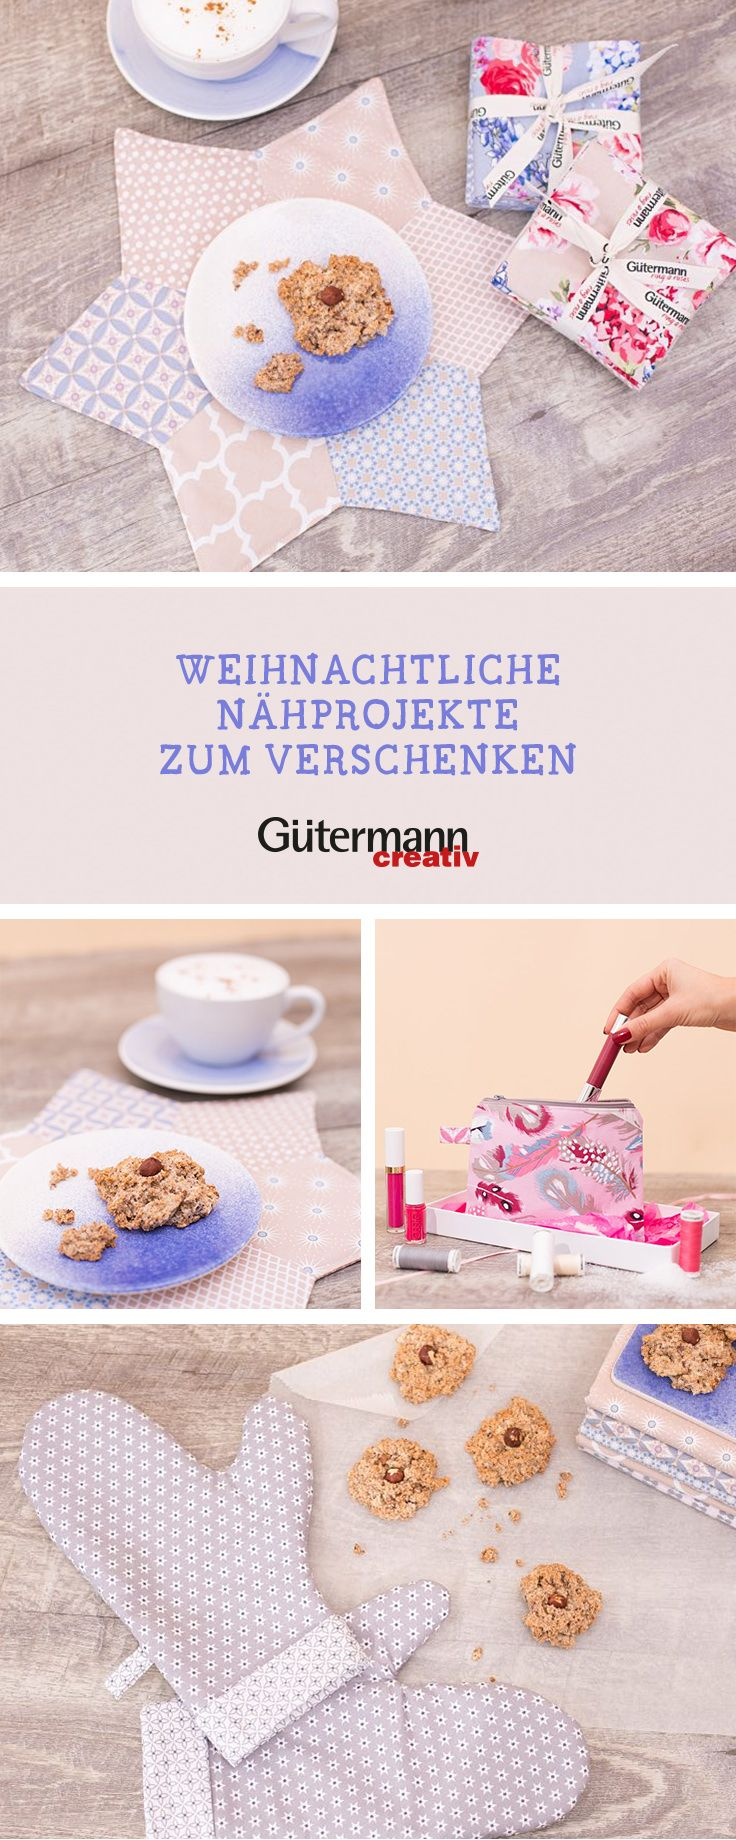 Kostenlose Nähanleitungen von unserem Partner Gütermann: Weihnachtsgeschenke selbermachen / diy sewing projects for christmas via DaWanda.com